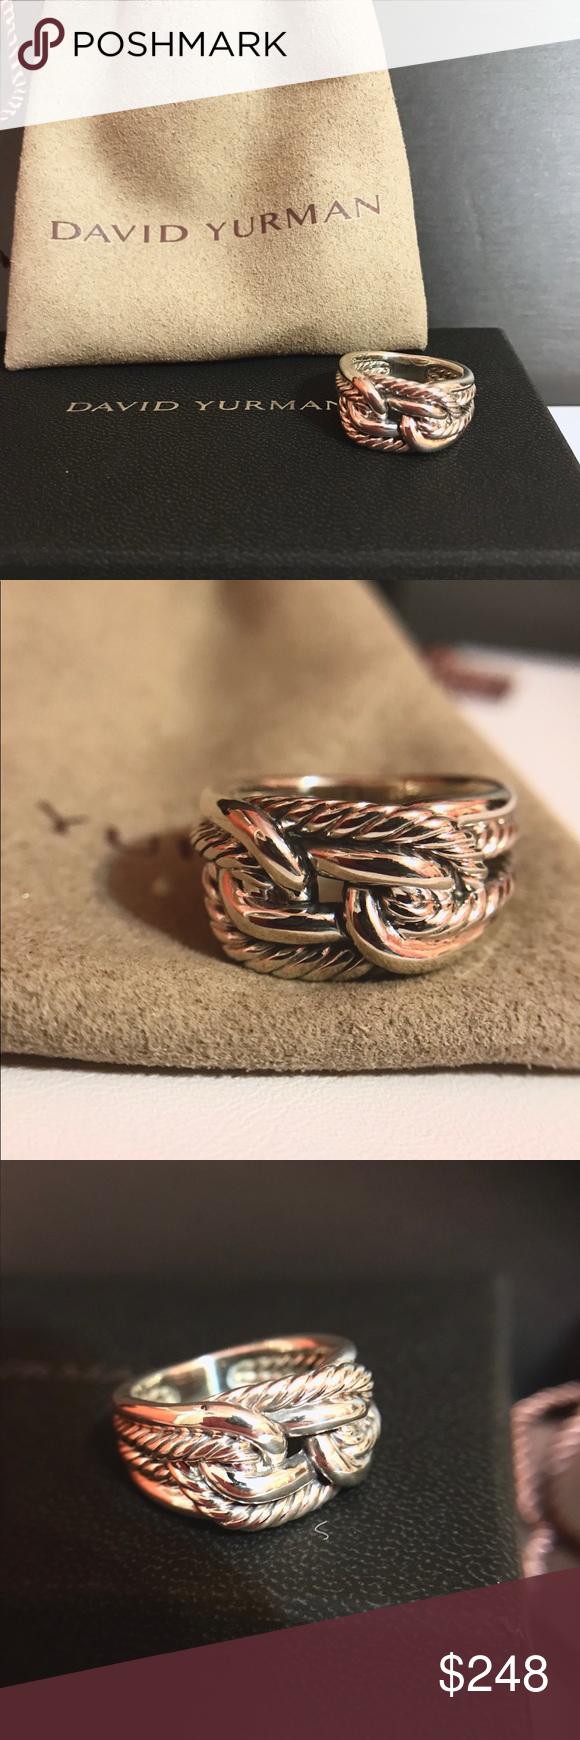 40+ Sell david yurman jewelry near me ideas